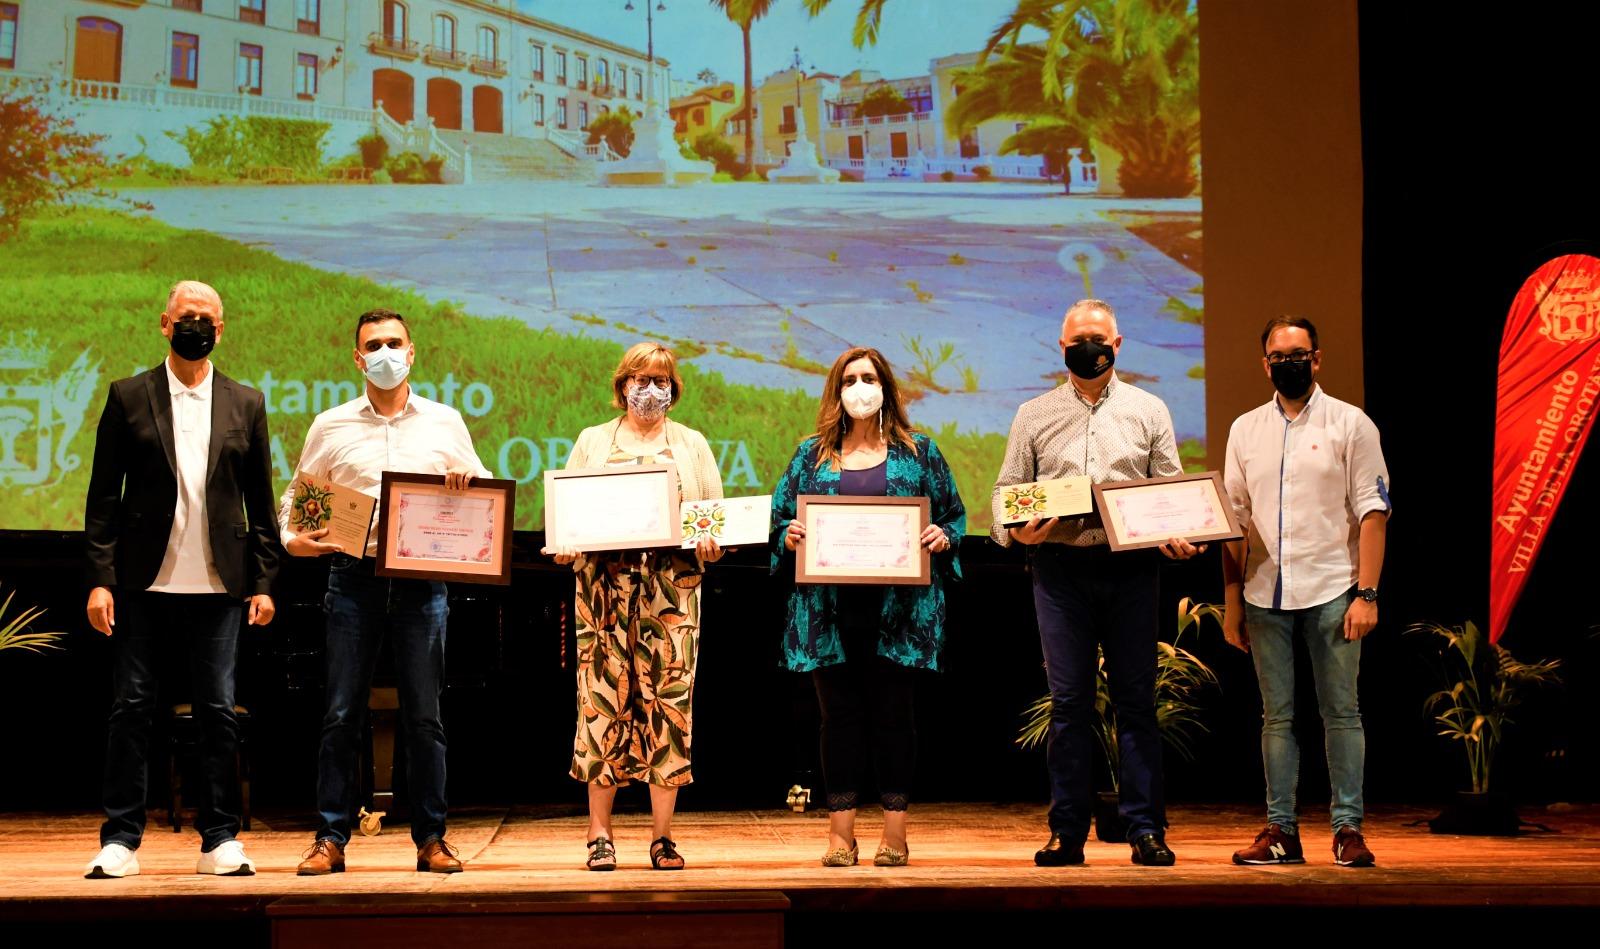 Calzados Afonso y Pianoforte, ganadores en el concurso de escaparates y fachadas por las fiestas de La Orotava